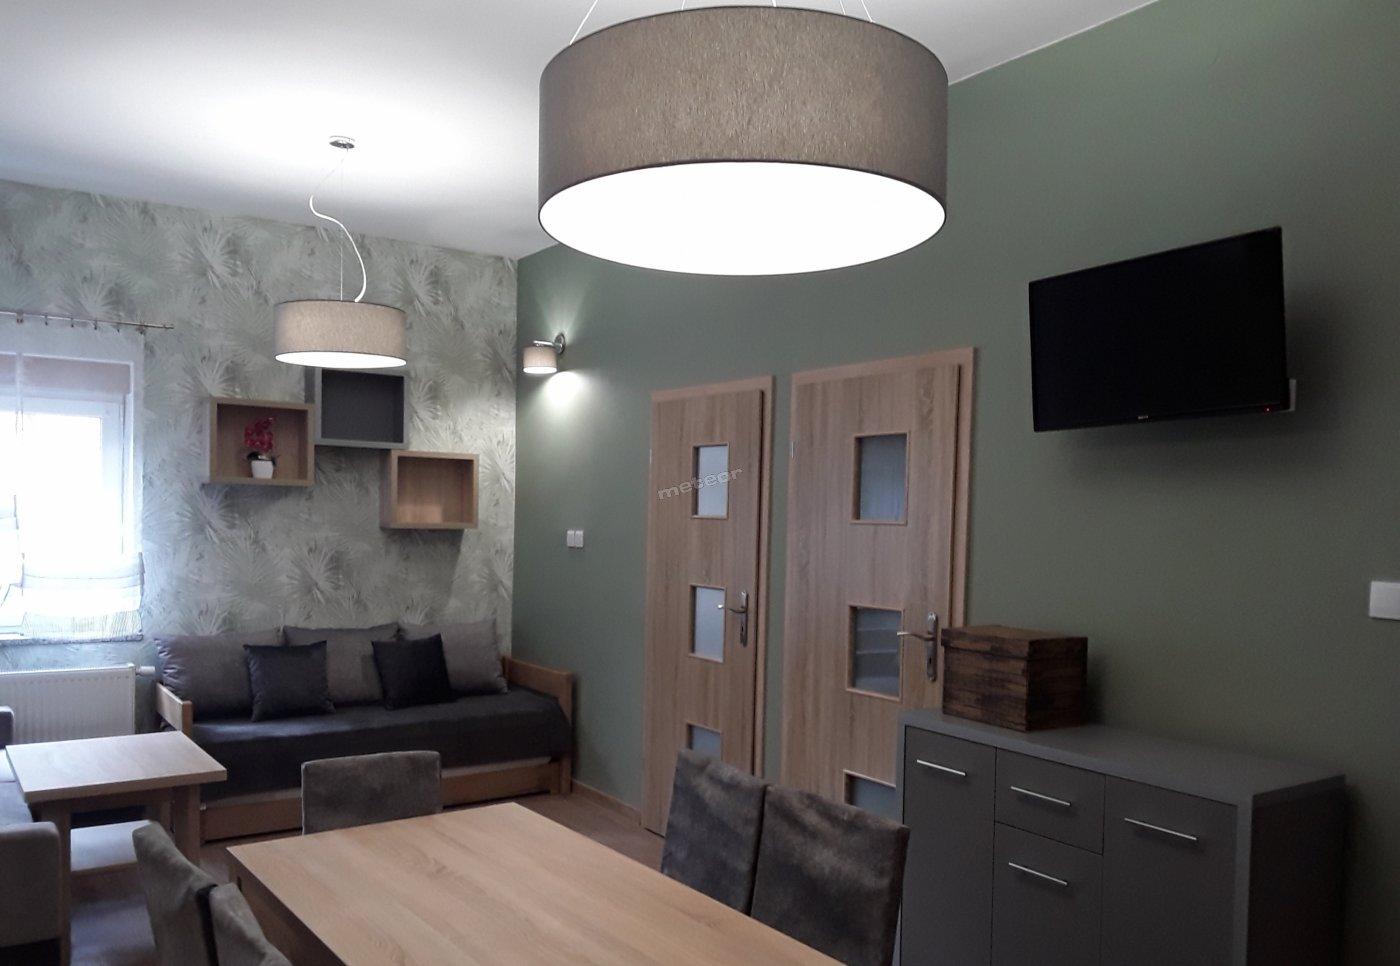 Apartament 8 osobowy - salon z aneksem kuchennym i dwie sypialnie.